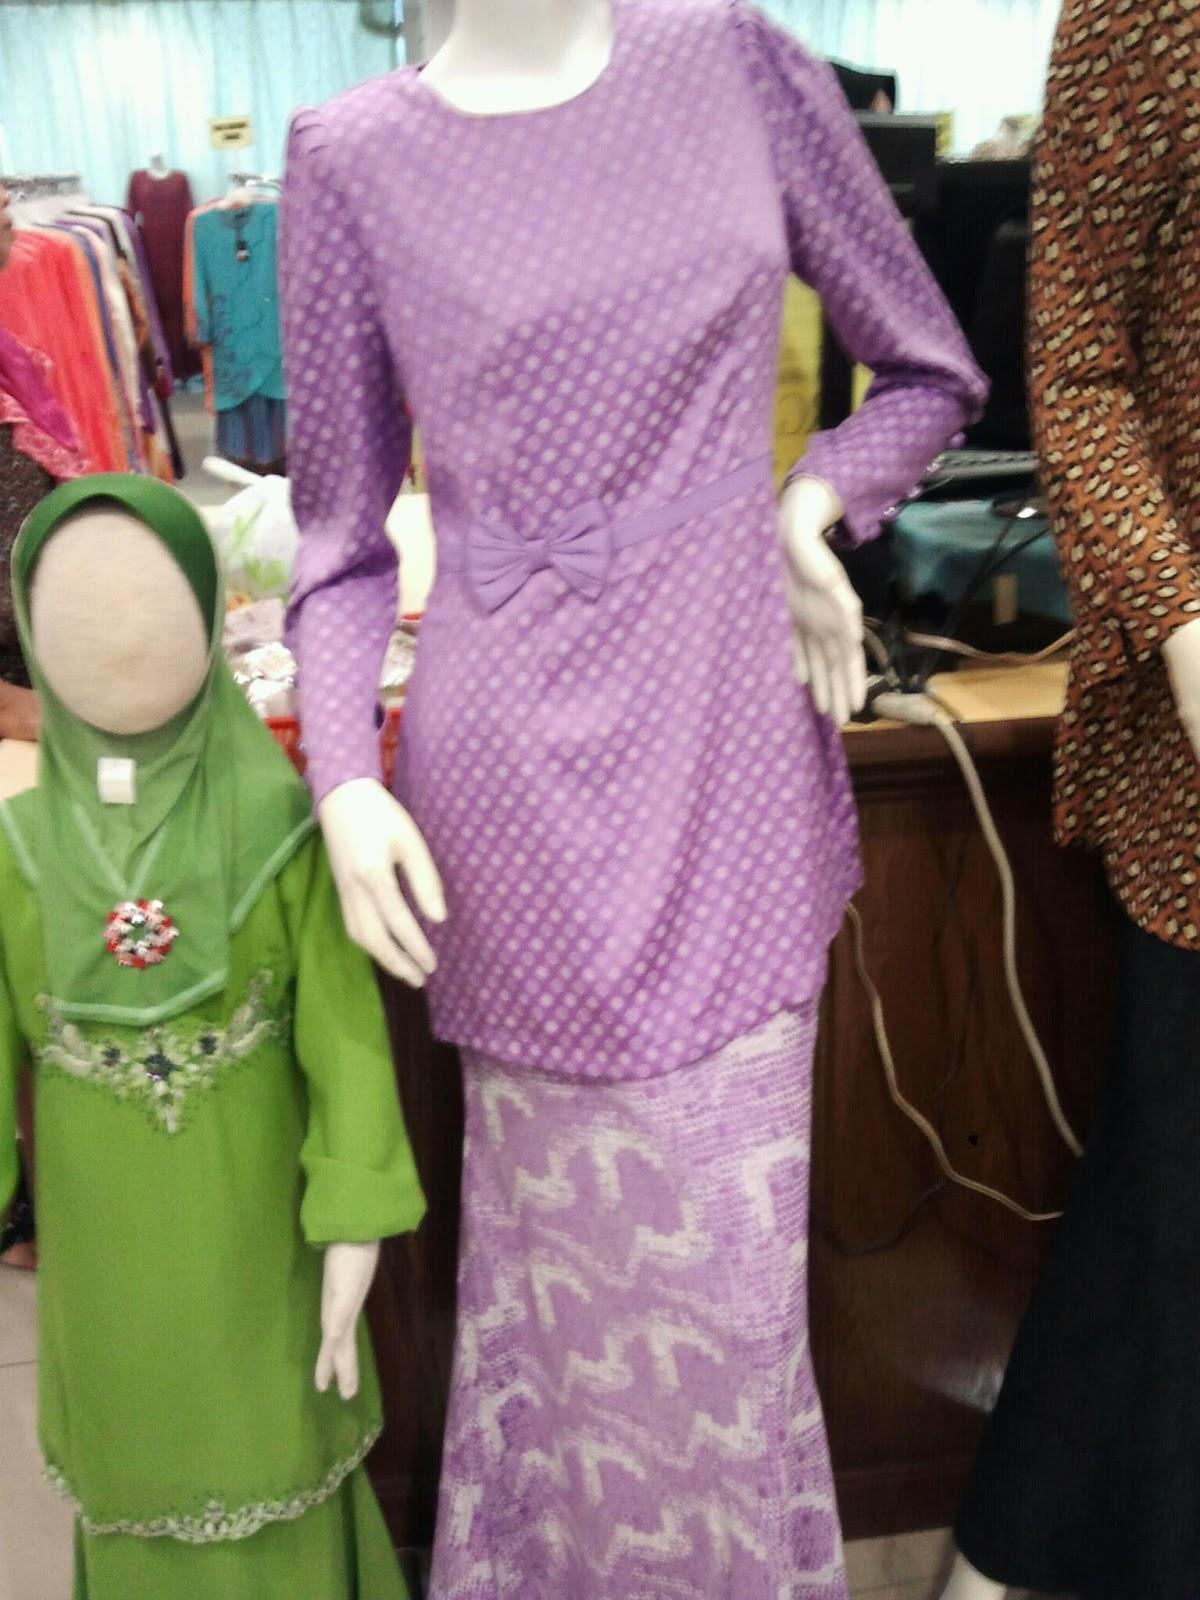 potongan baju saloma dah glemer balik fesyen camni peplum tu pun baju